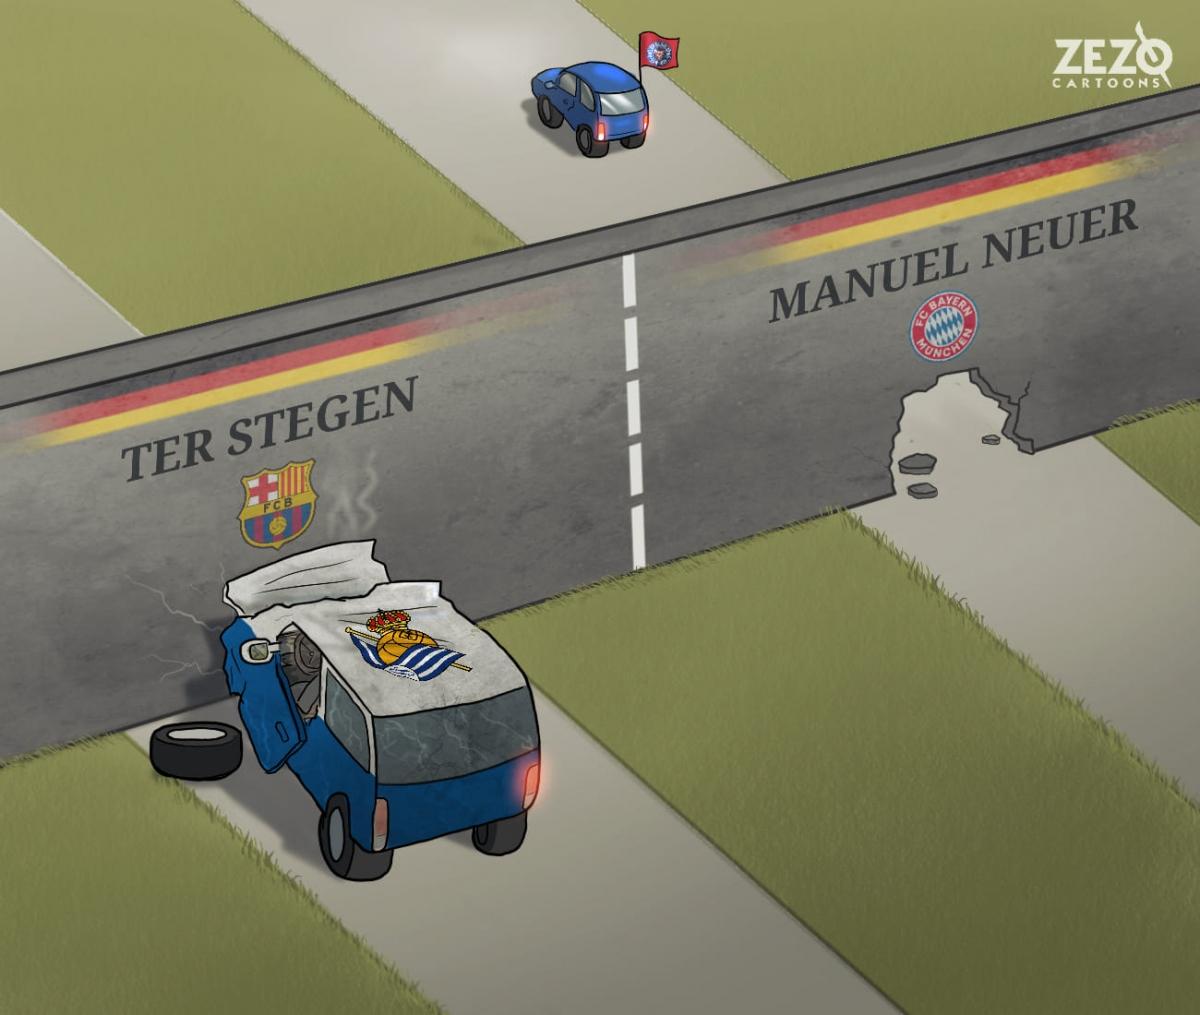 2 thủ môn hàng đầu nước Đức trải qua những cảm giác trái ngược ở loạt đấu luân lưu trong loạt trận giữa tuần. (Ảnh: Zezo Cartoons).